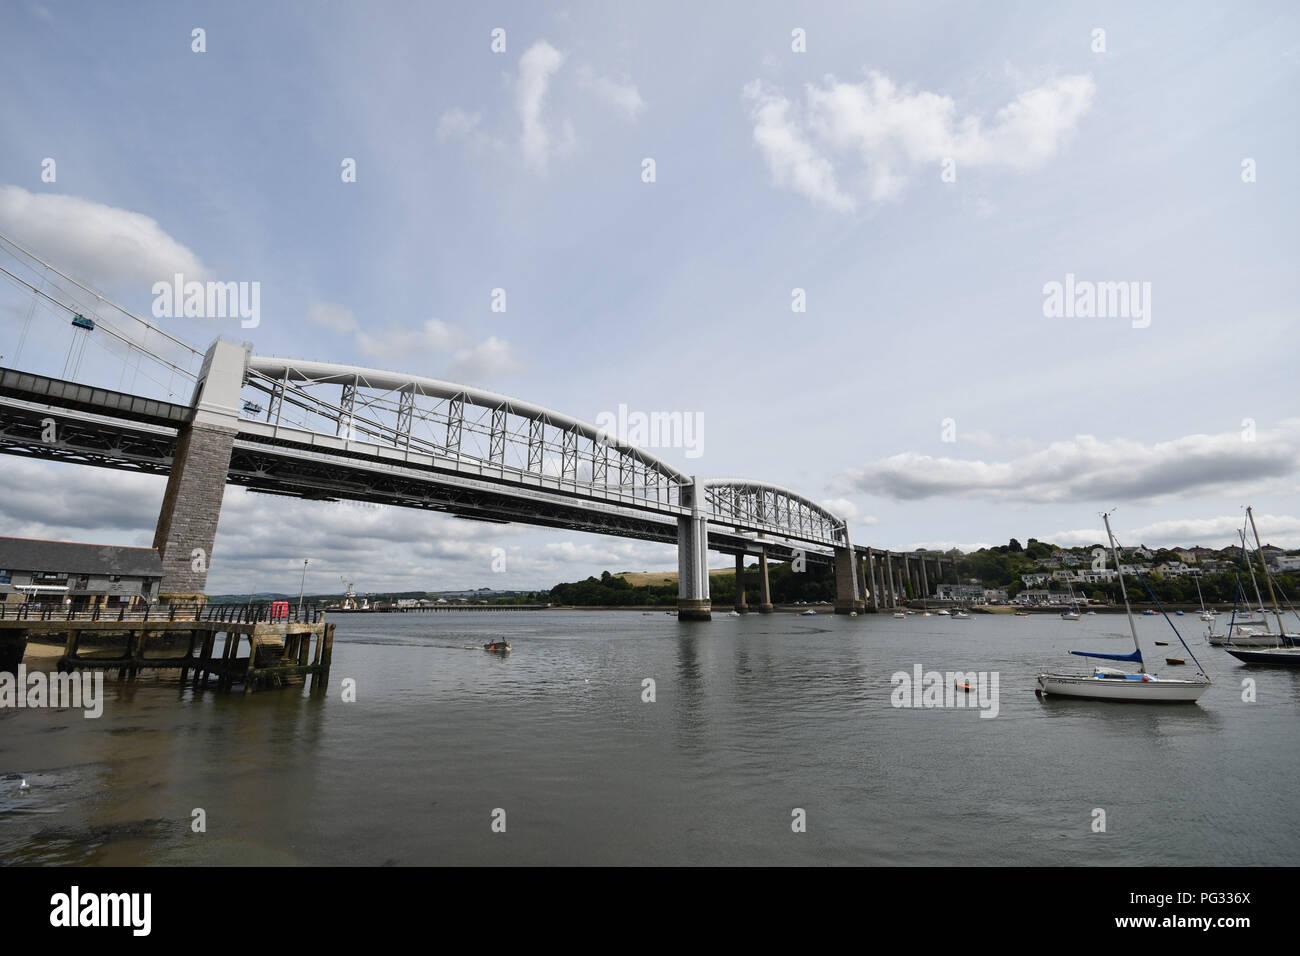 Saltash, Cornwall, UK. 23rd Aug, 2018. UK Weather. Sunny luchtime at Saltash. Credit: Simon Maycock/Alamy Live News Stock Photo